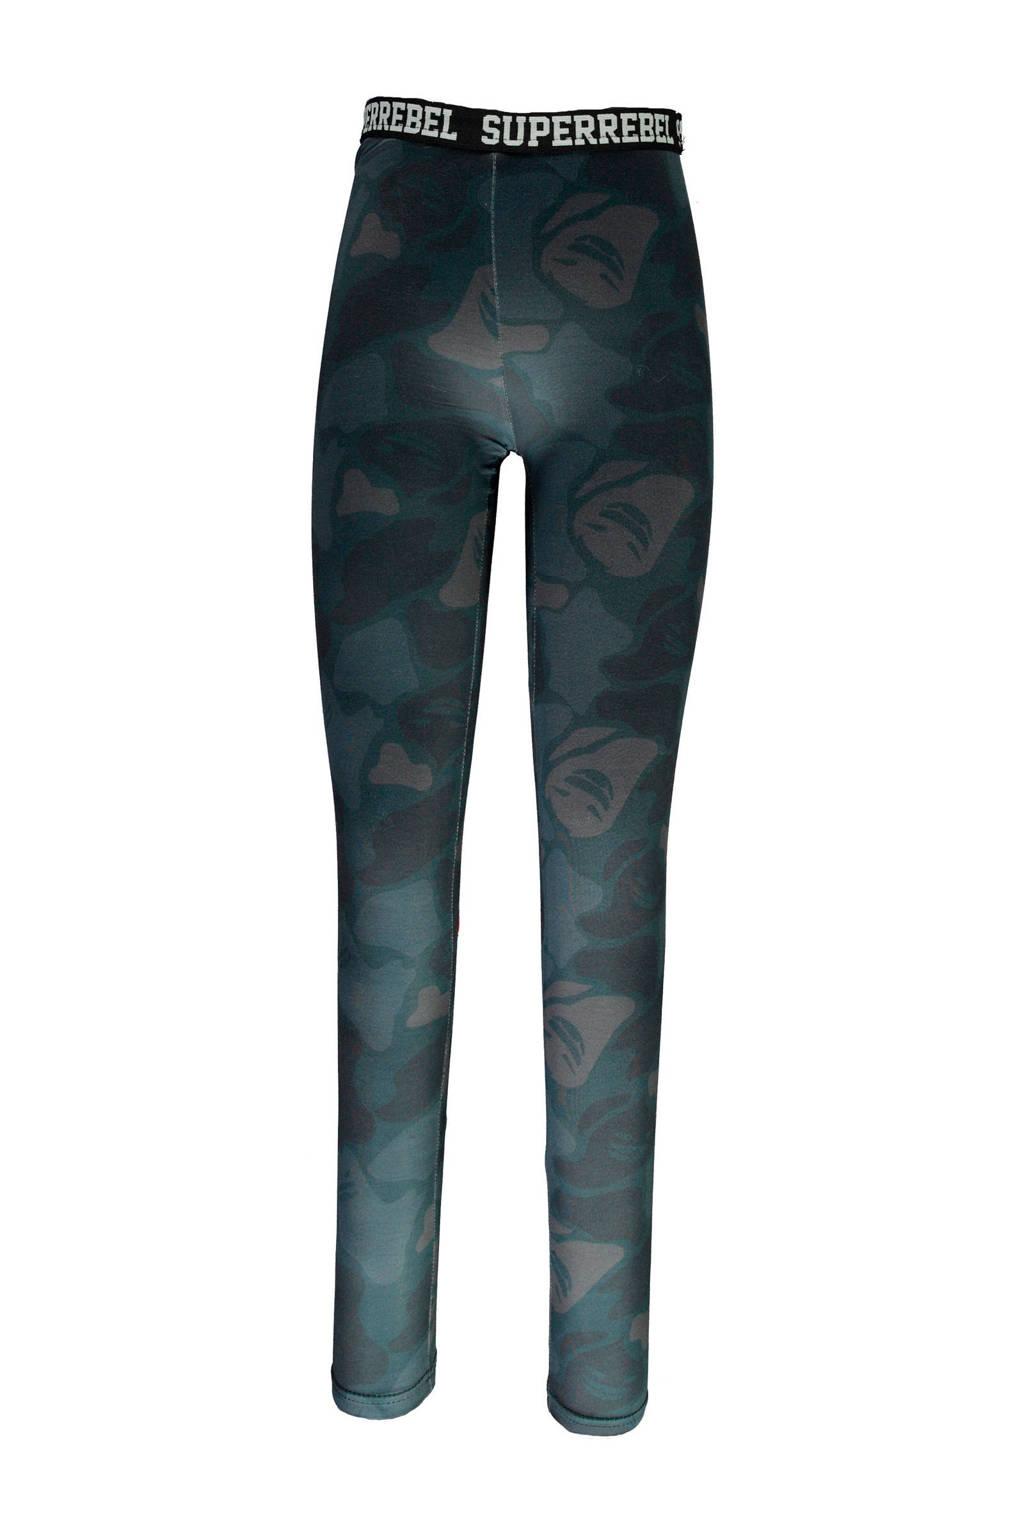 SuperRebel joggingbroek blauw camouflage, Blauw/grijs camoufalge